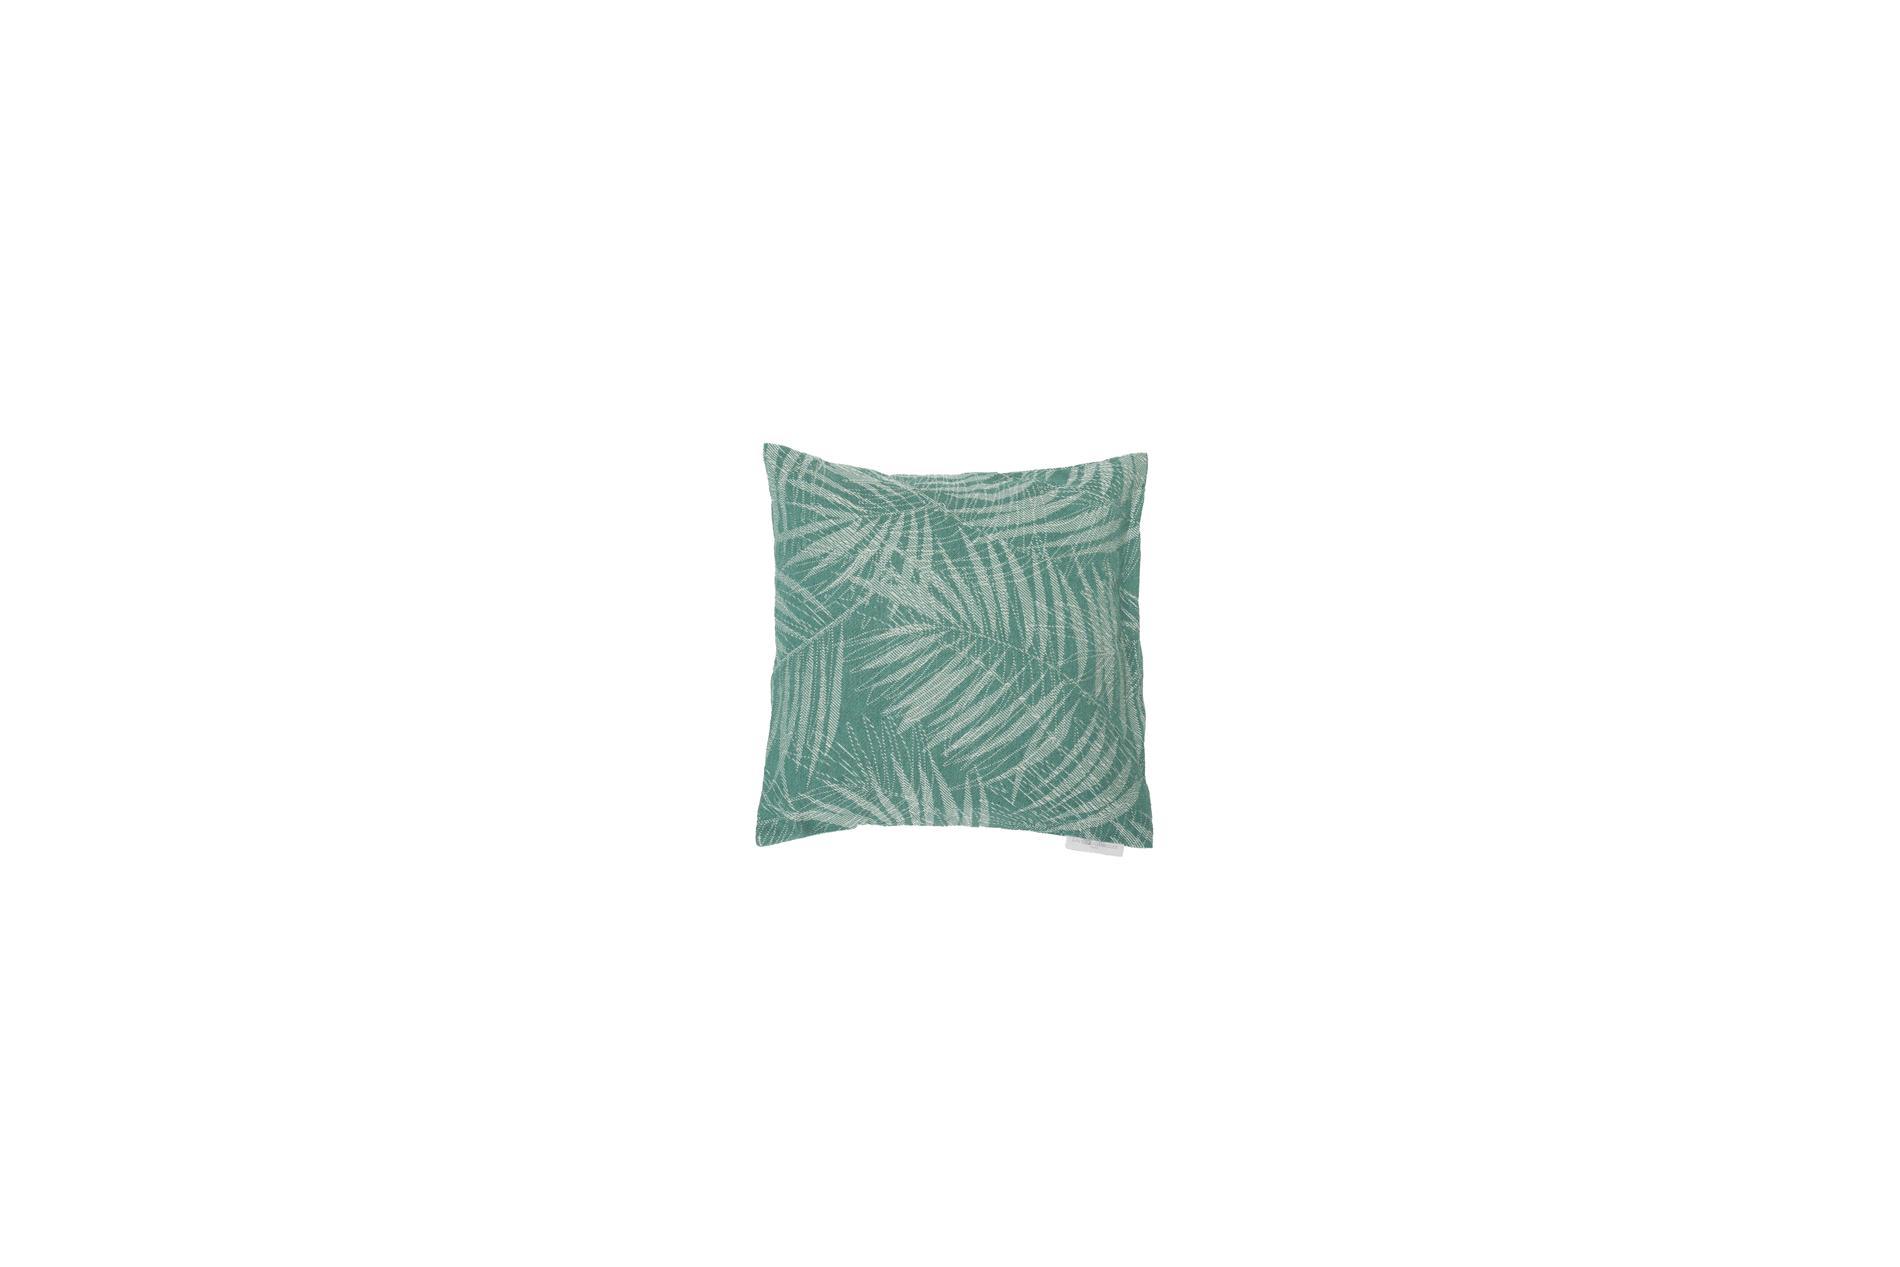 """DAVID FUSSENEGGER Kissenhülle Como, """"Dschungel"""", grün, 40x40 cm"""